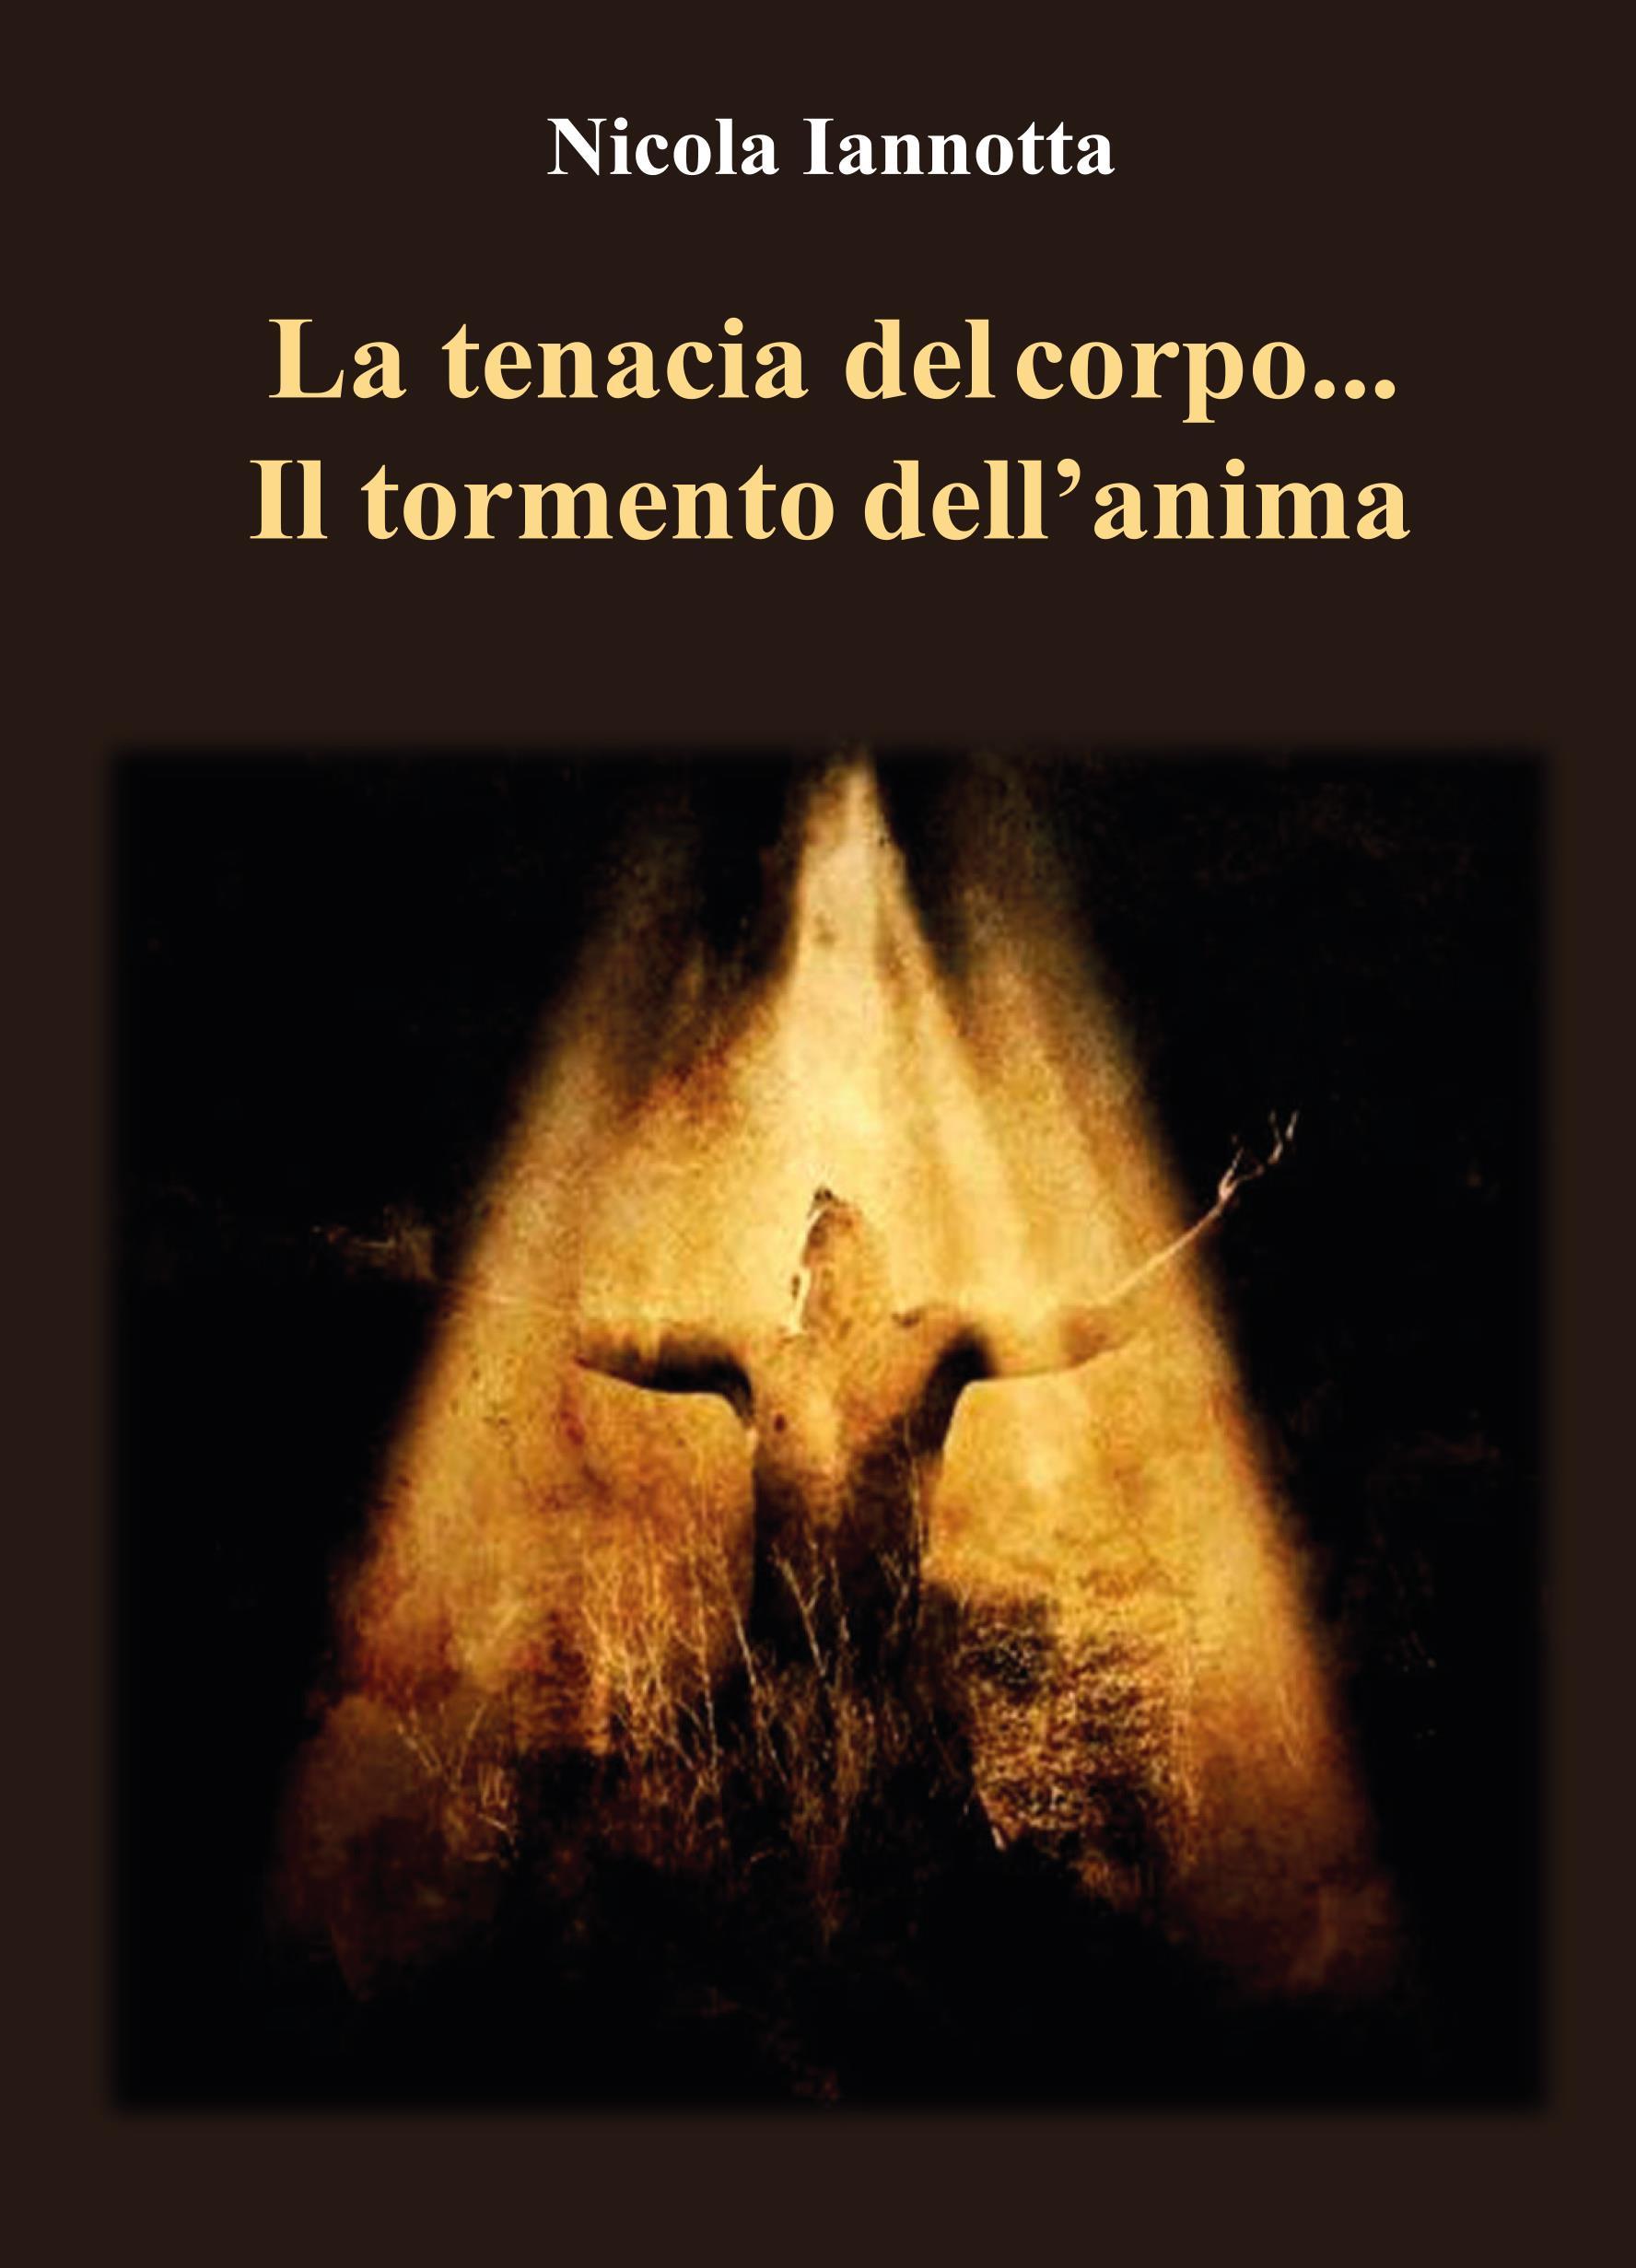 La tenacia del corpo...Il tormento dell'anima.